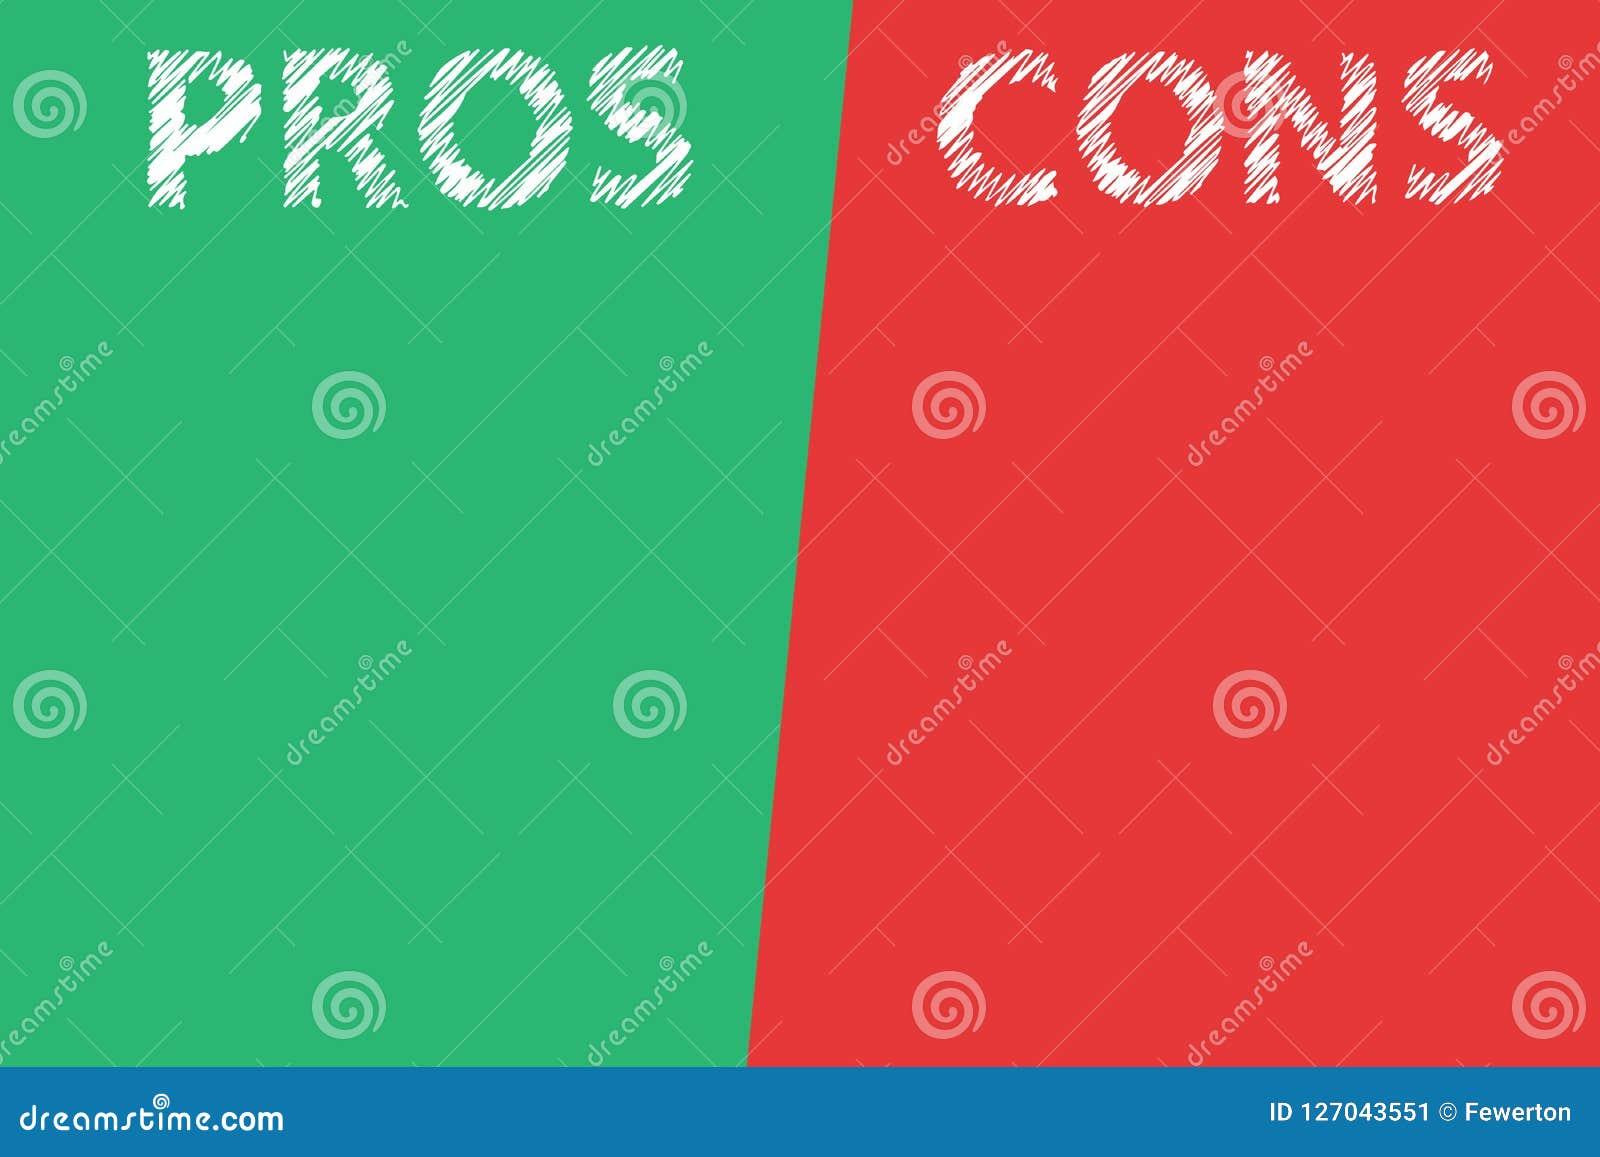 利弊评估分析词文本透明在分开的名单绿色红色背景